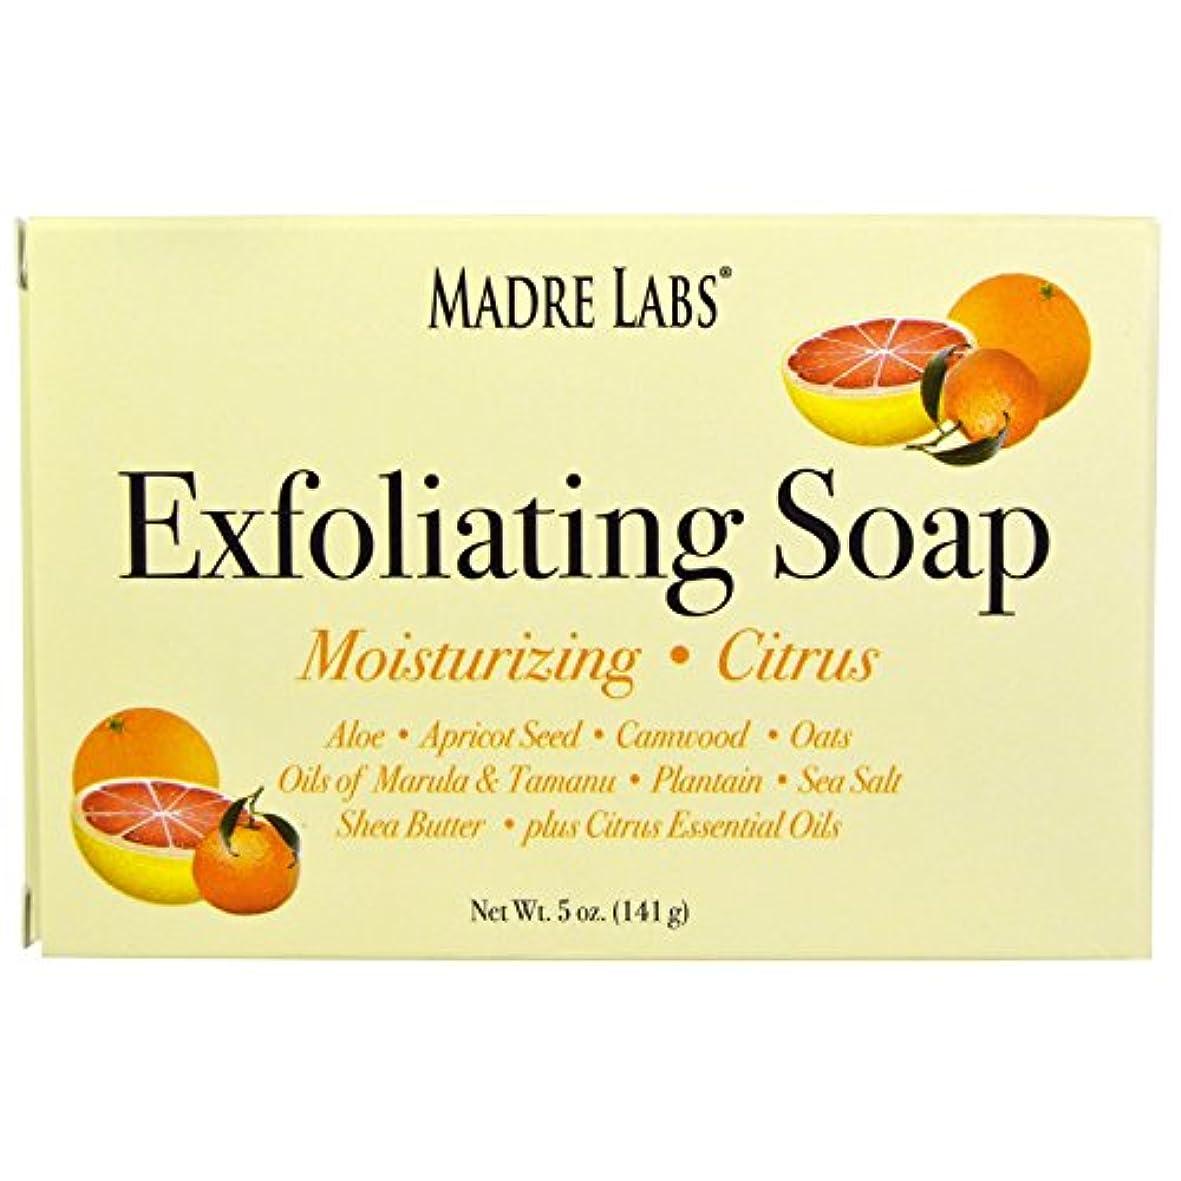 昨日悪意紫のマドレラブ シアバター入り石鹸 柑橘フレーバー Madre Labs Exfoliating Soap Bar with Marula & Tamanu Oils plus Shea Butter